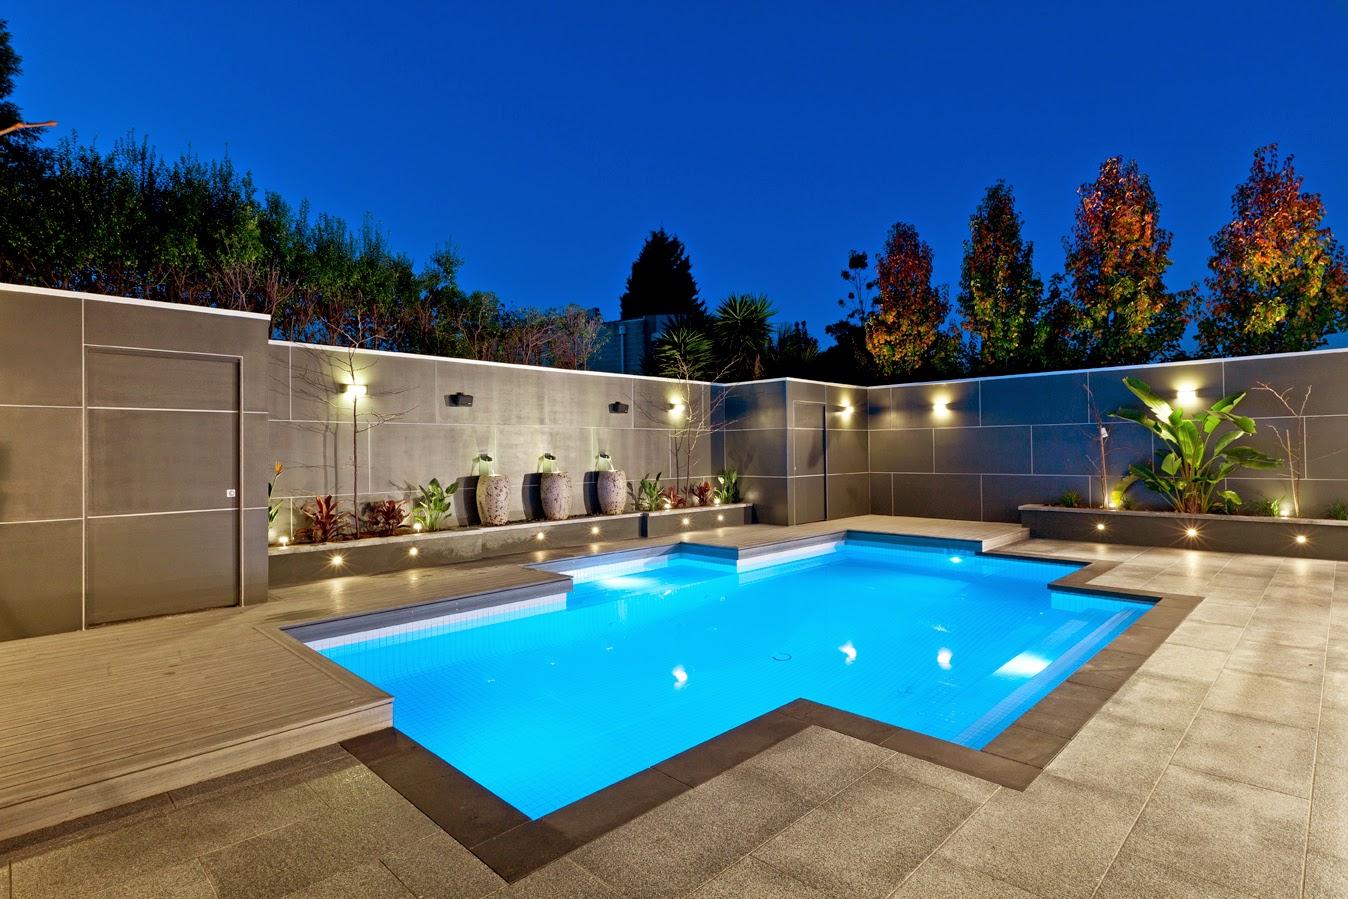 Cocab pools piscinas de alvenaria for De piscinas